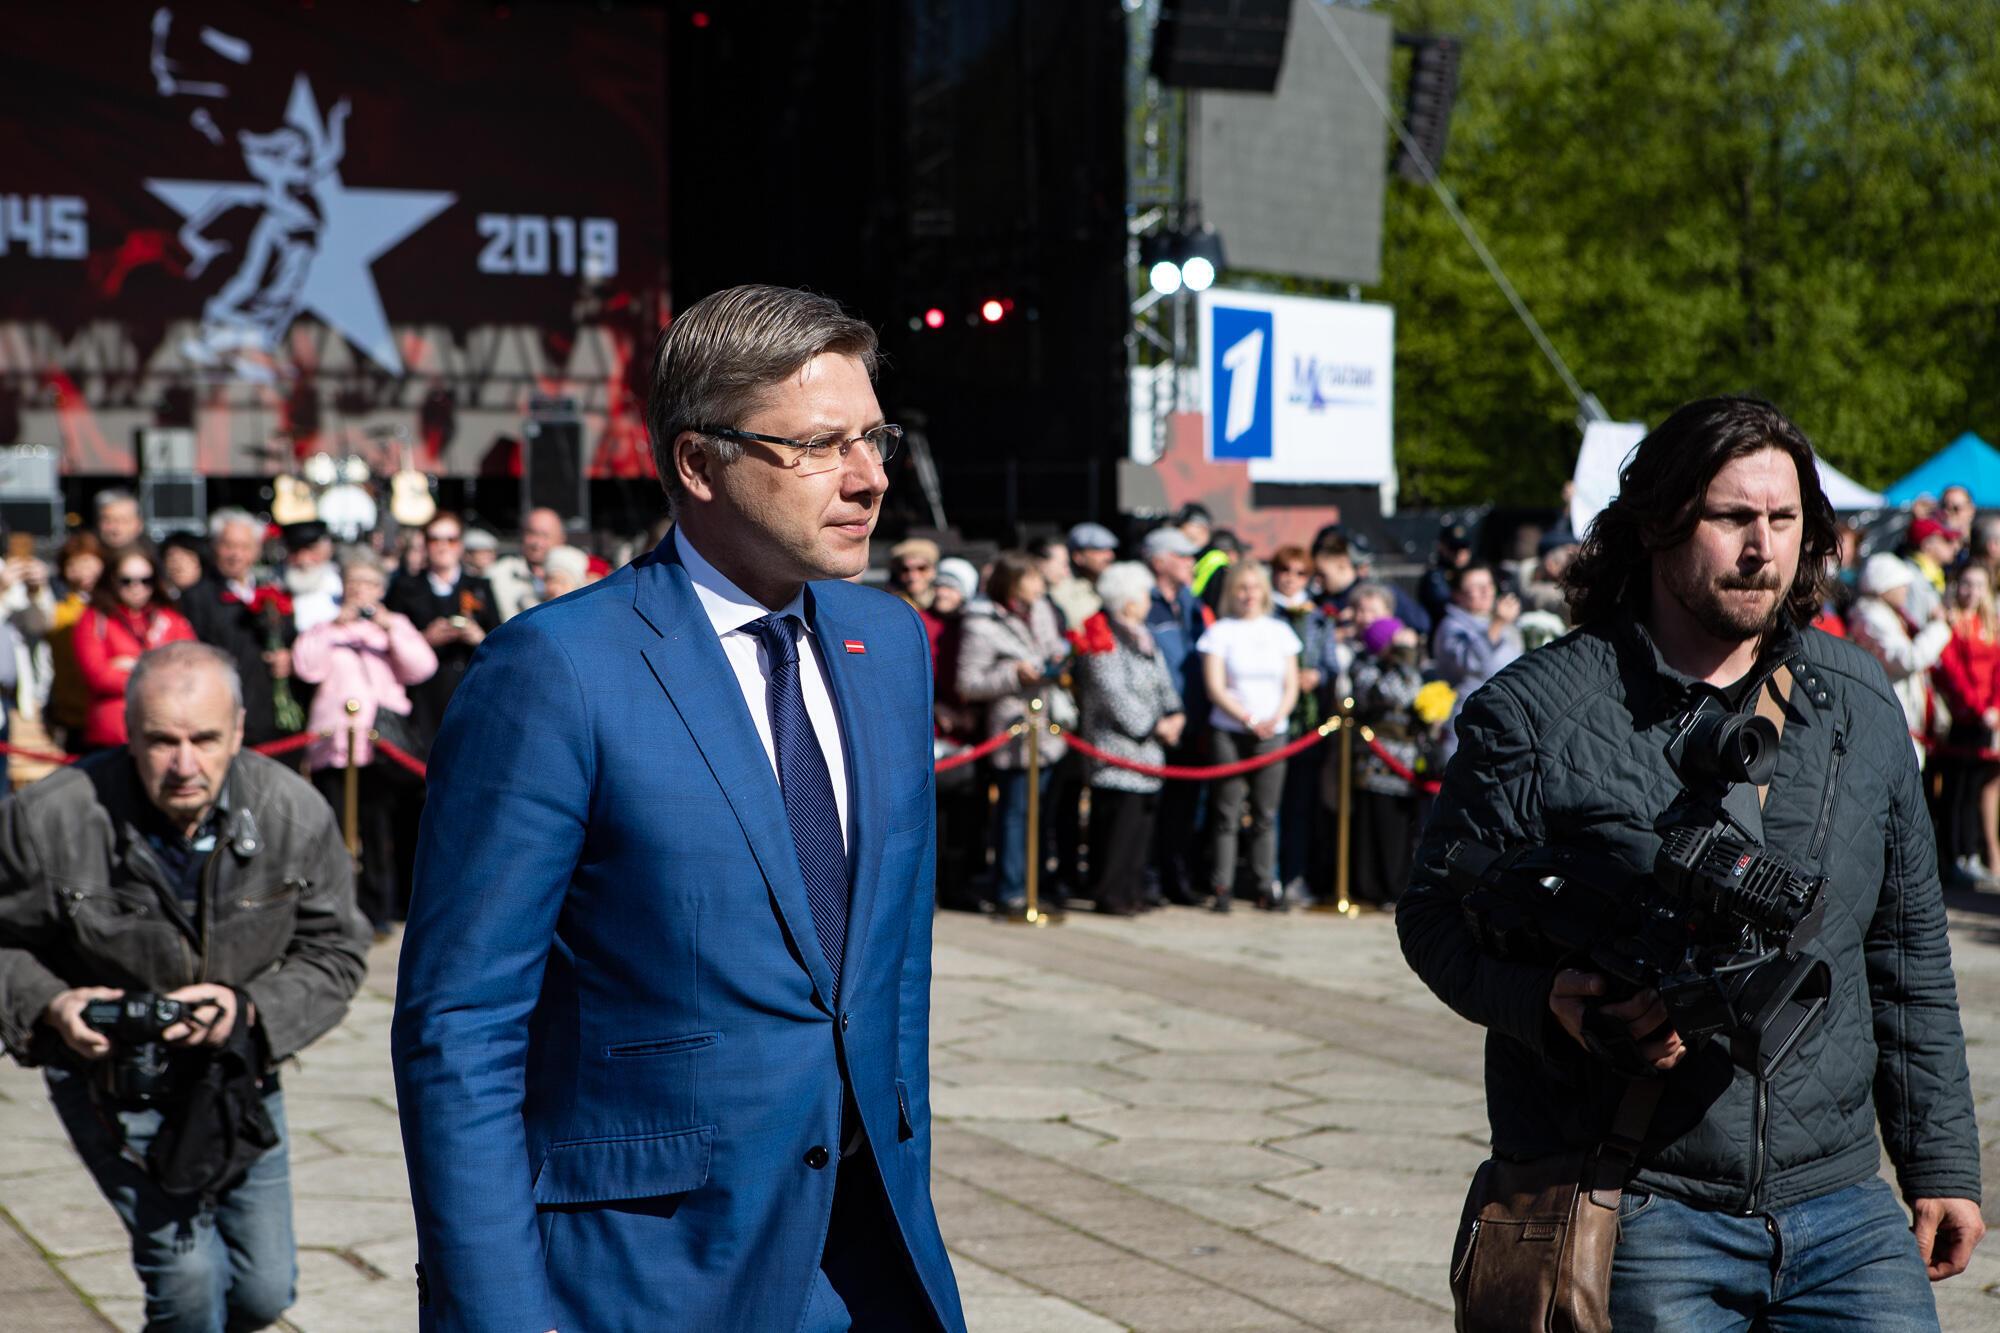 Нил Ушаков на праздновании Дня Победы в Риге 9 мая 2019 г.